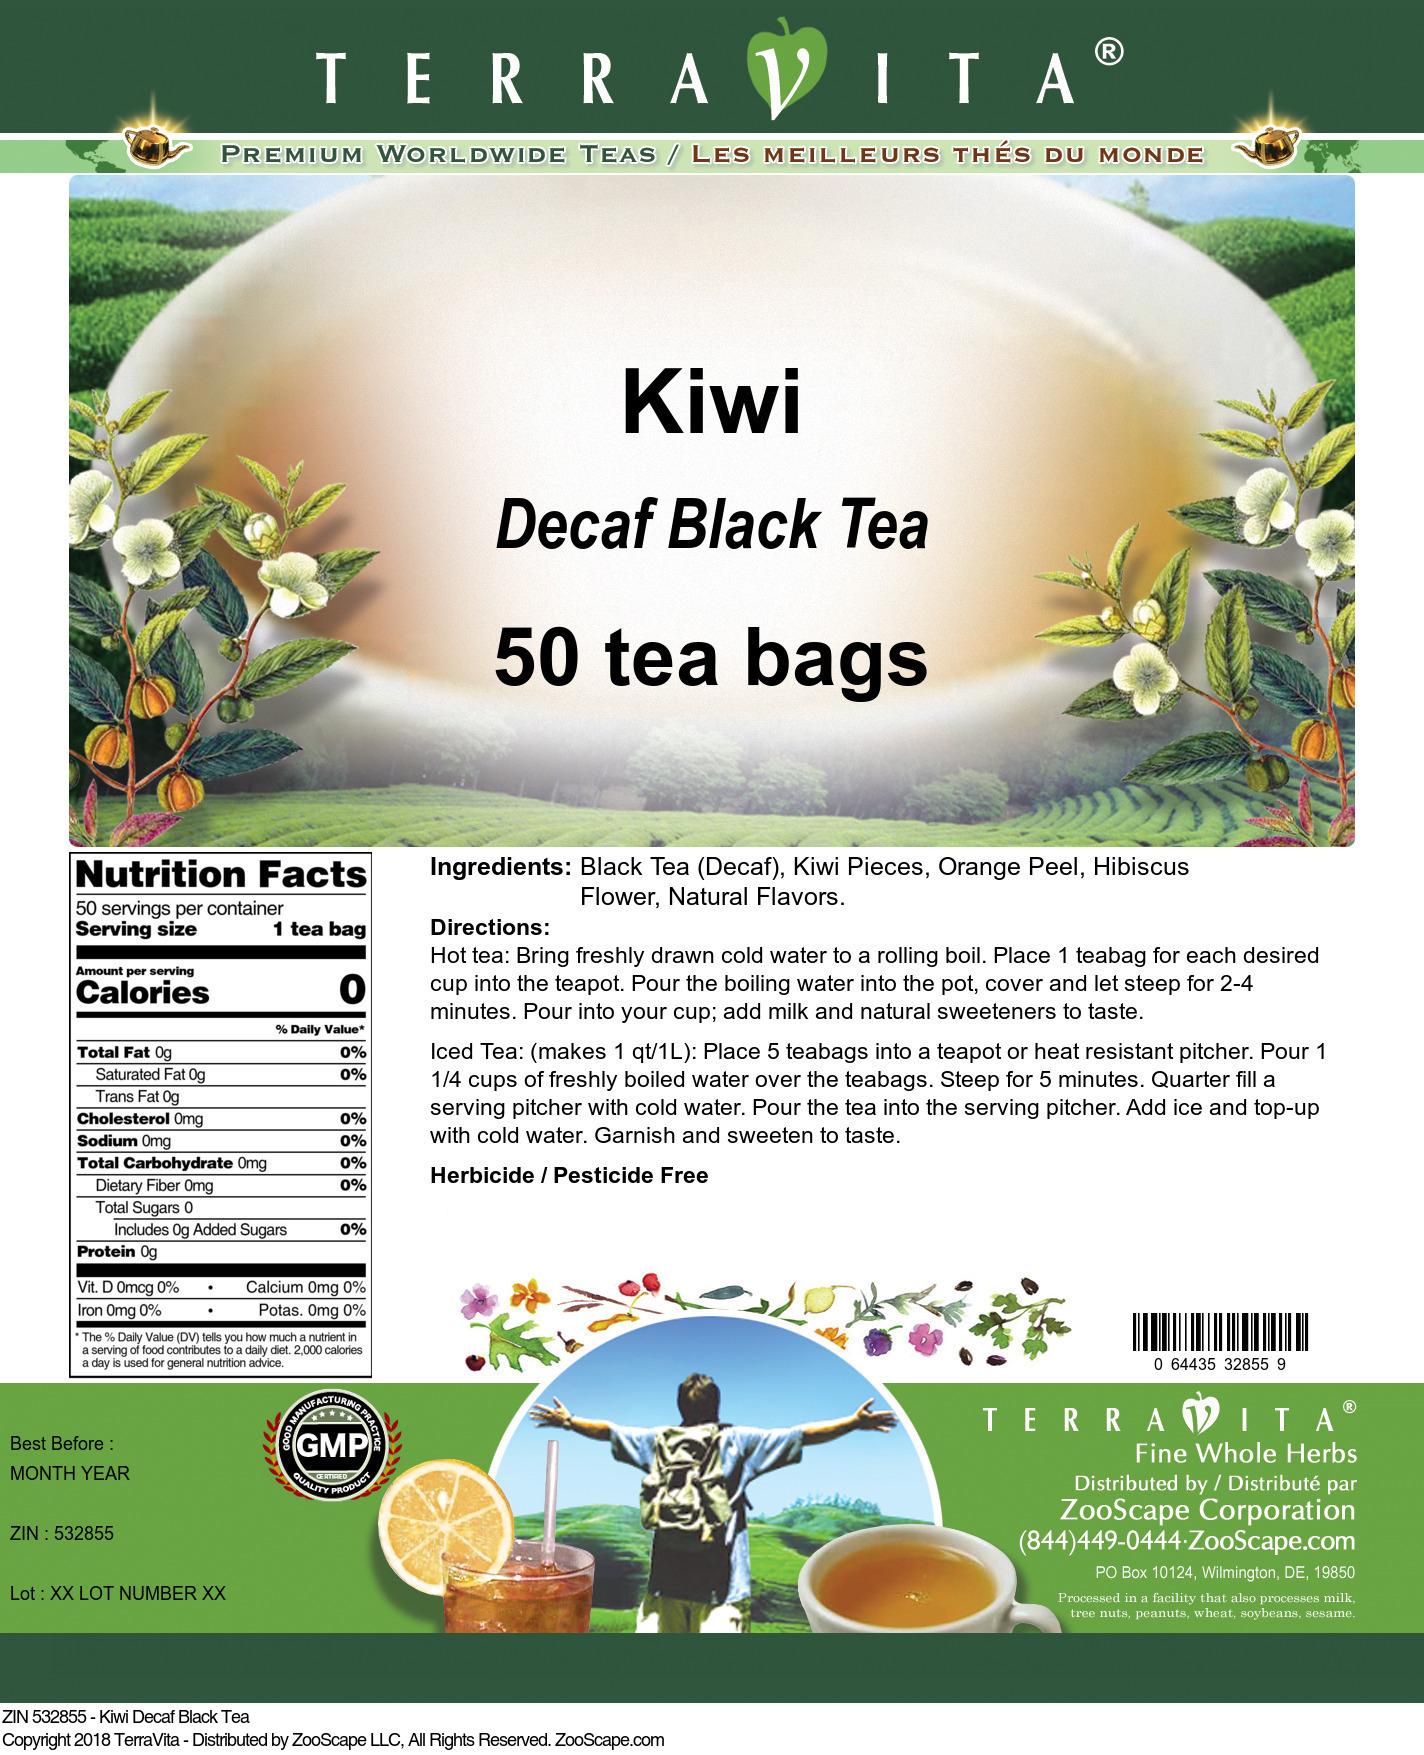 Kiwi Decaf Black Tea